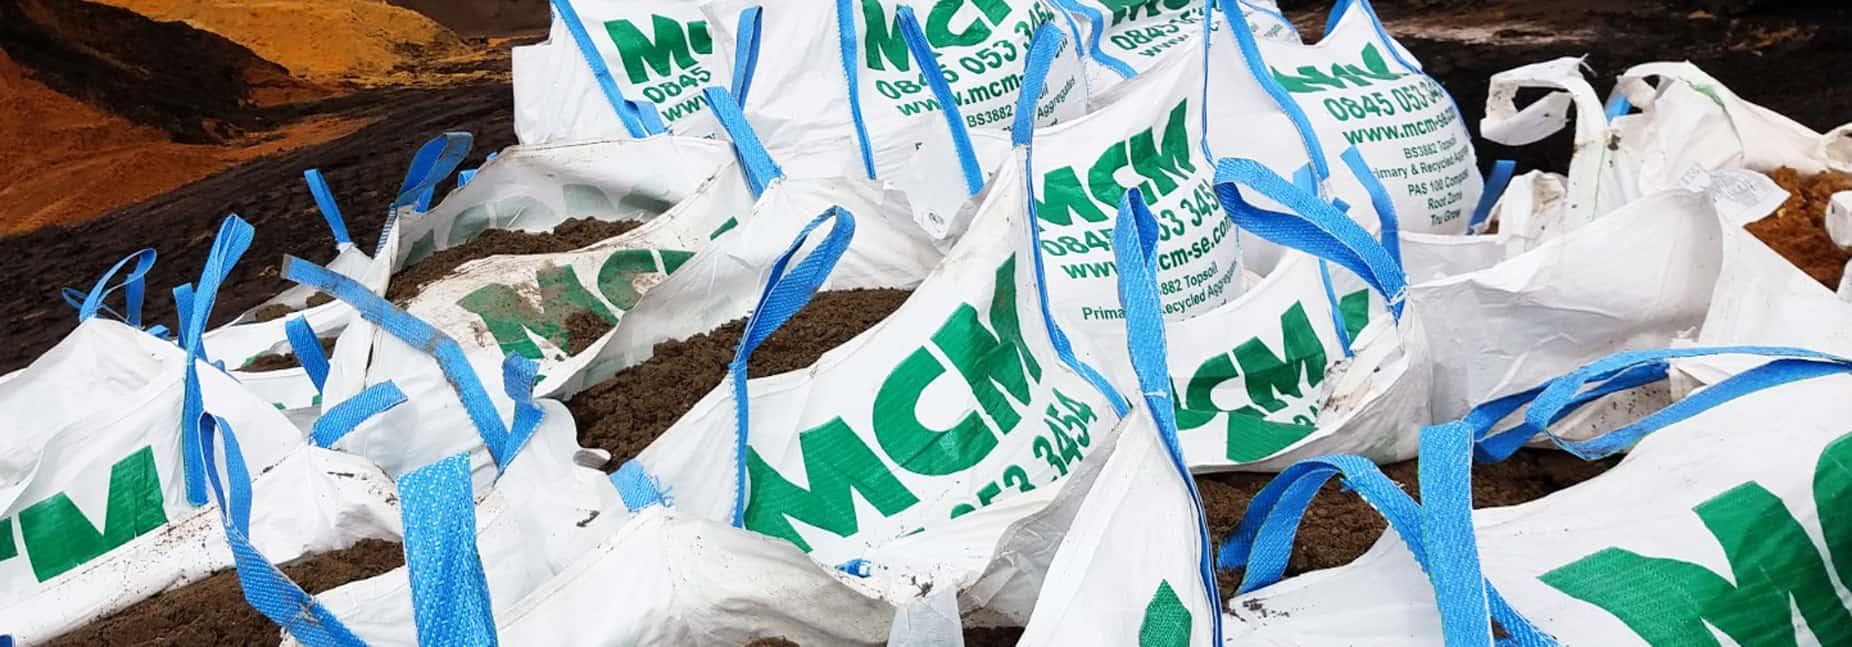 MCM Bagging